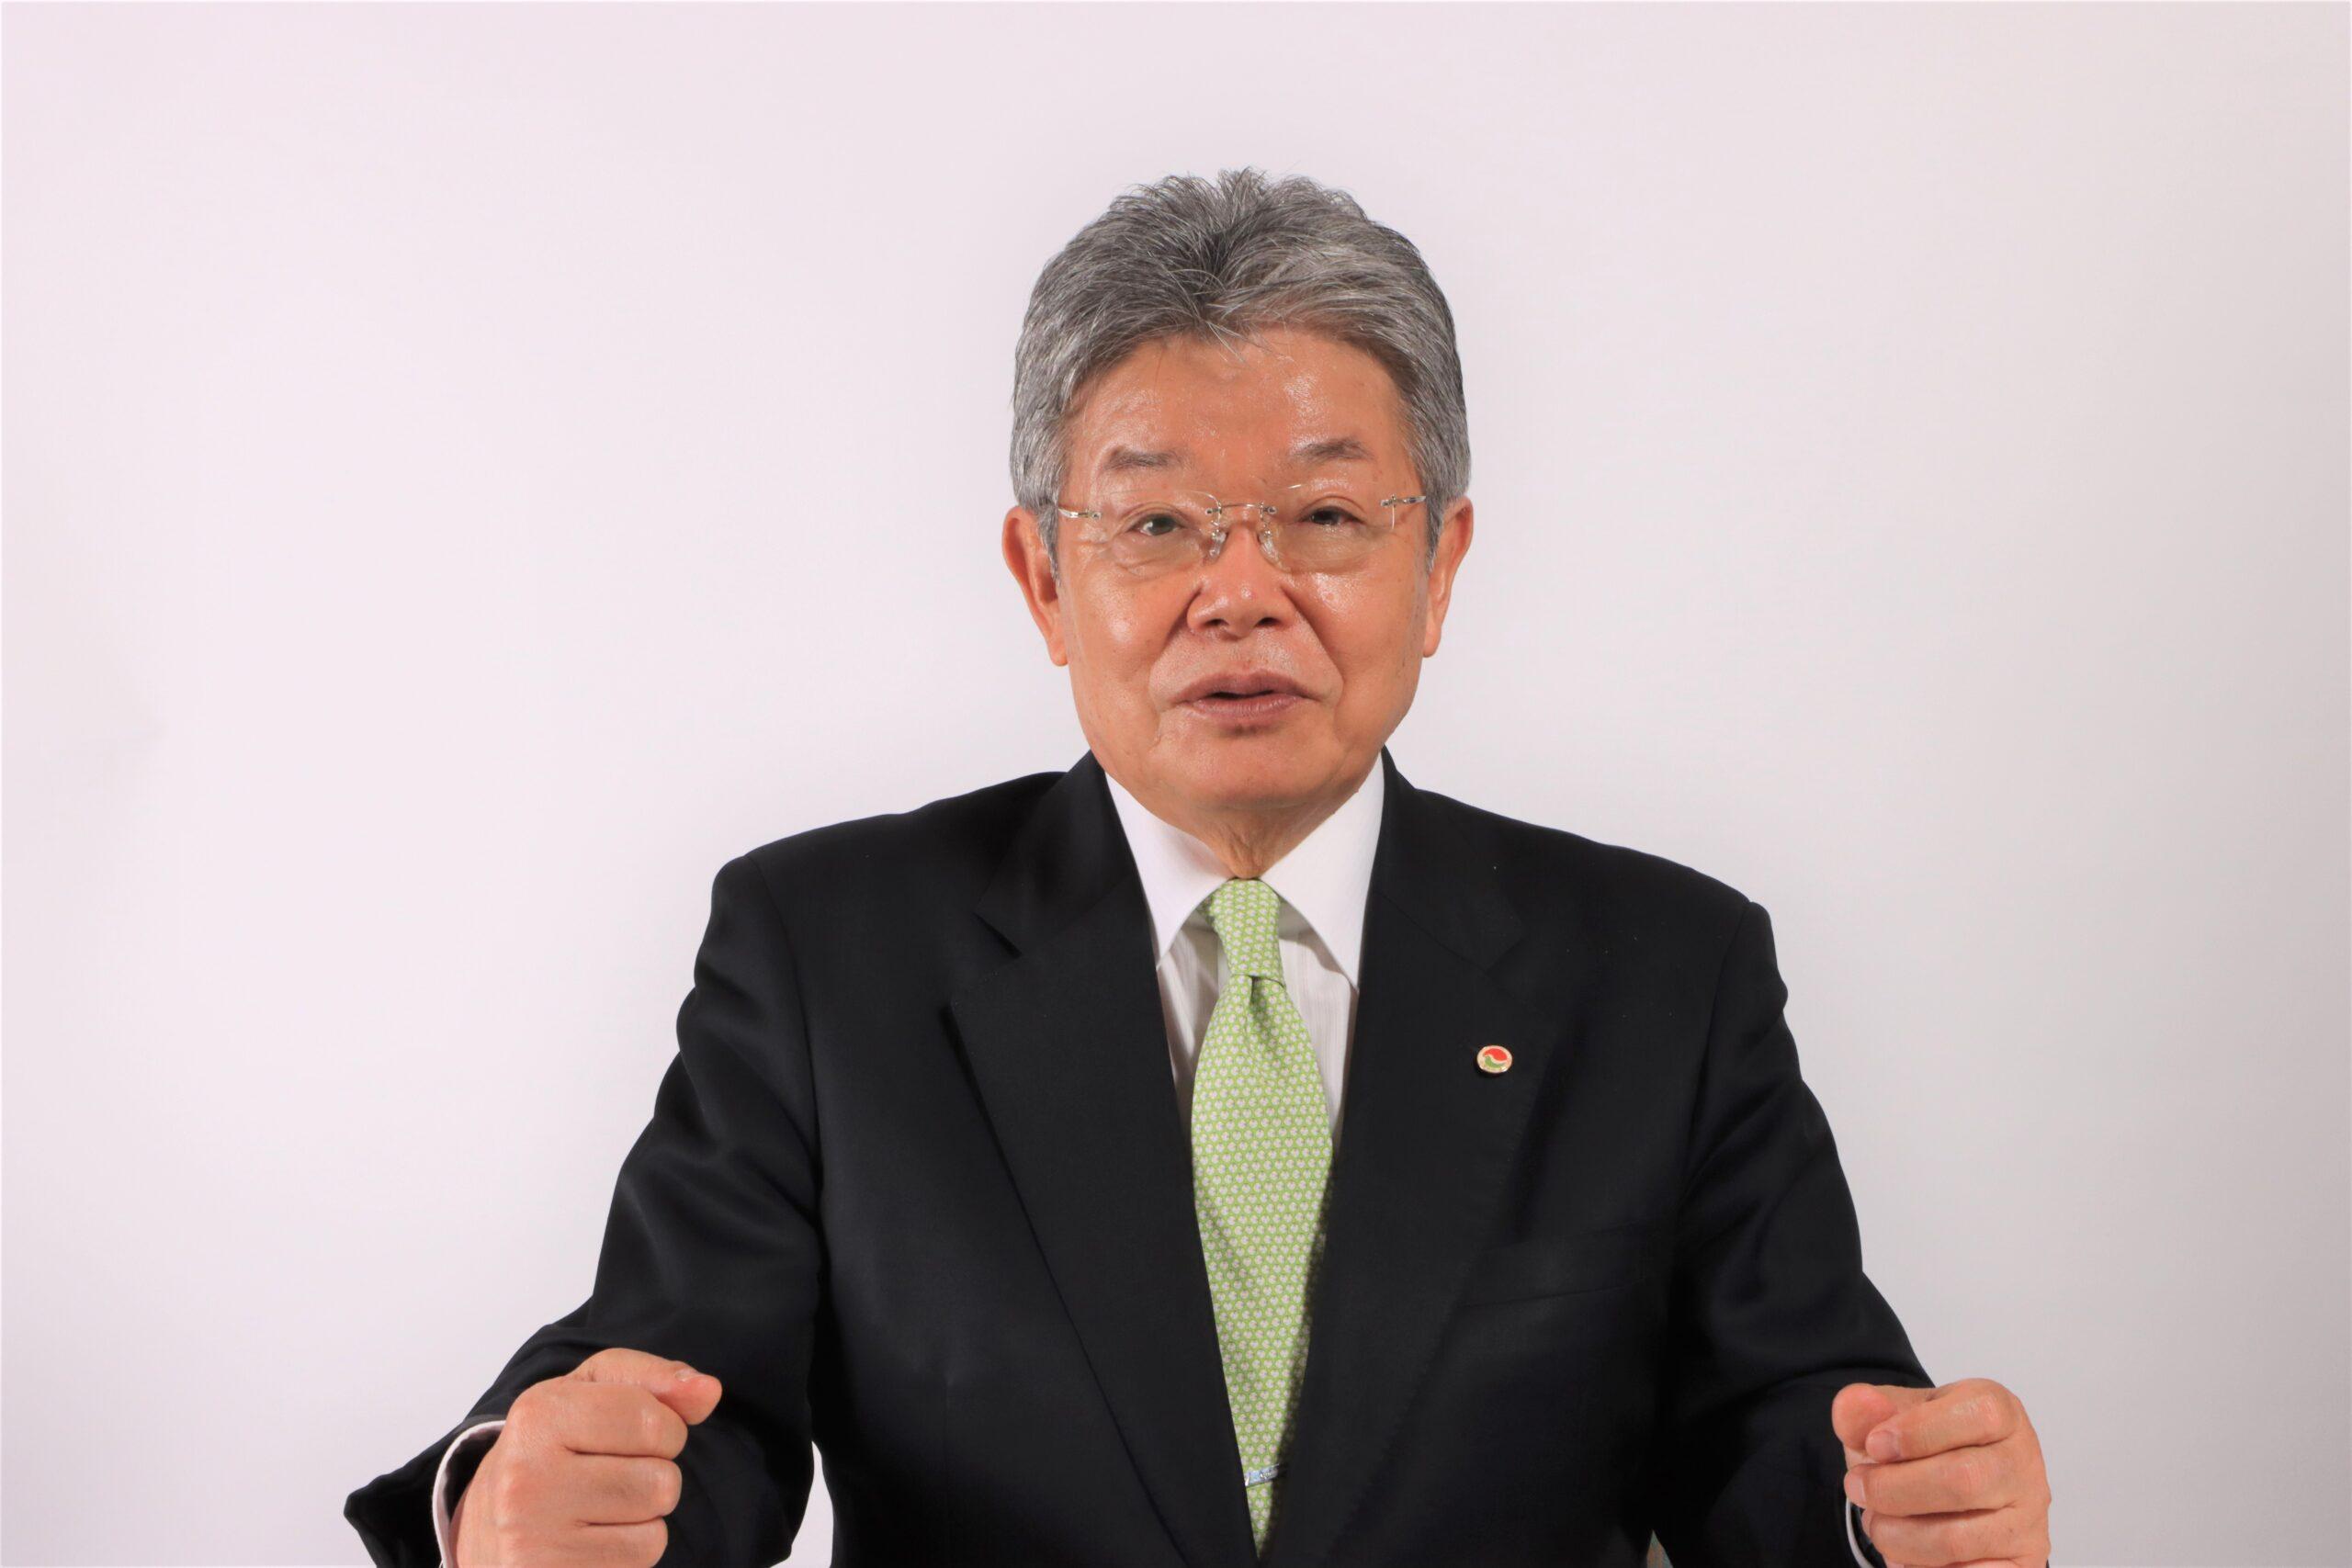 銀行の不動産業参入、改正銀行法でも禁止―金融庁指針、全宅連・坂本会長が見解